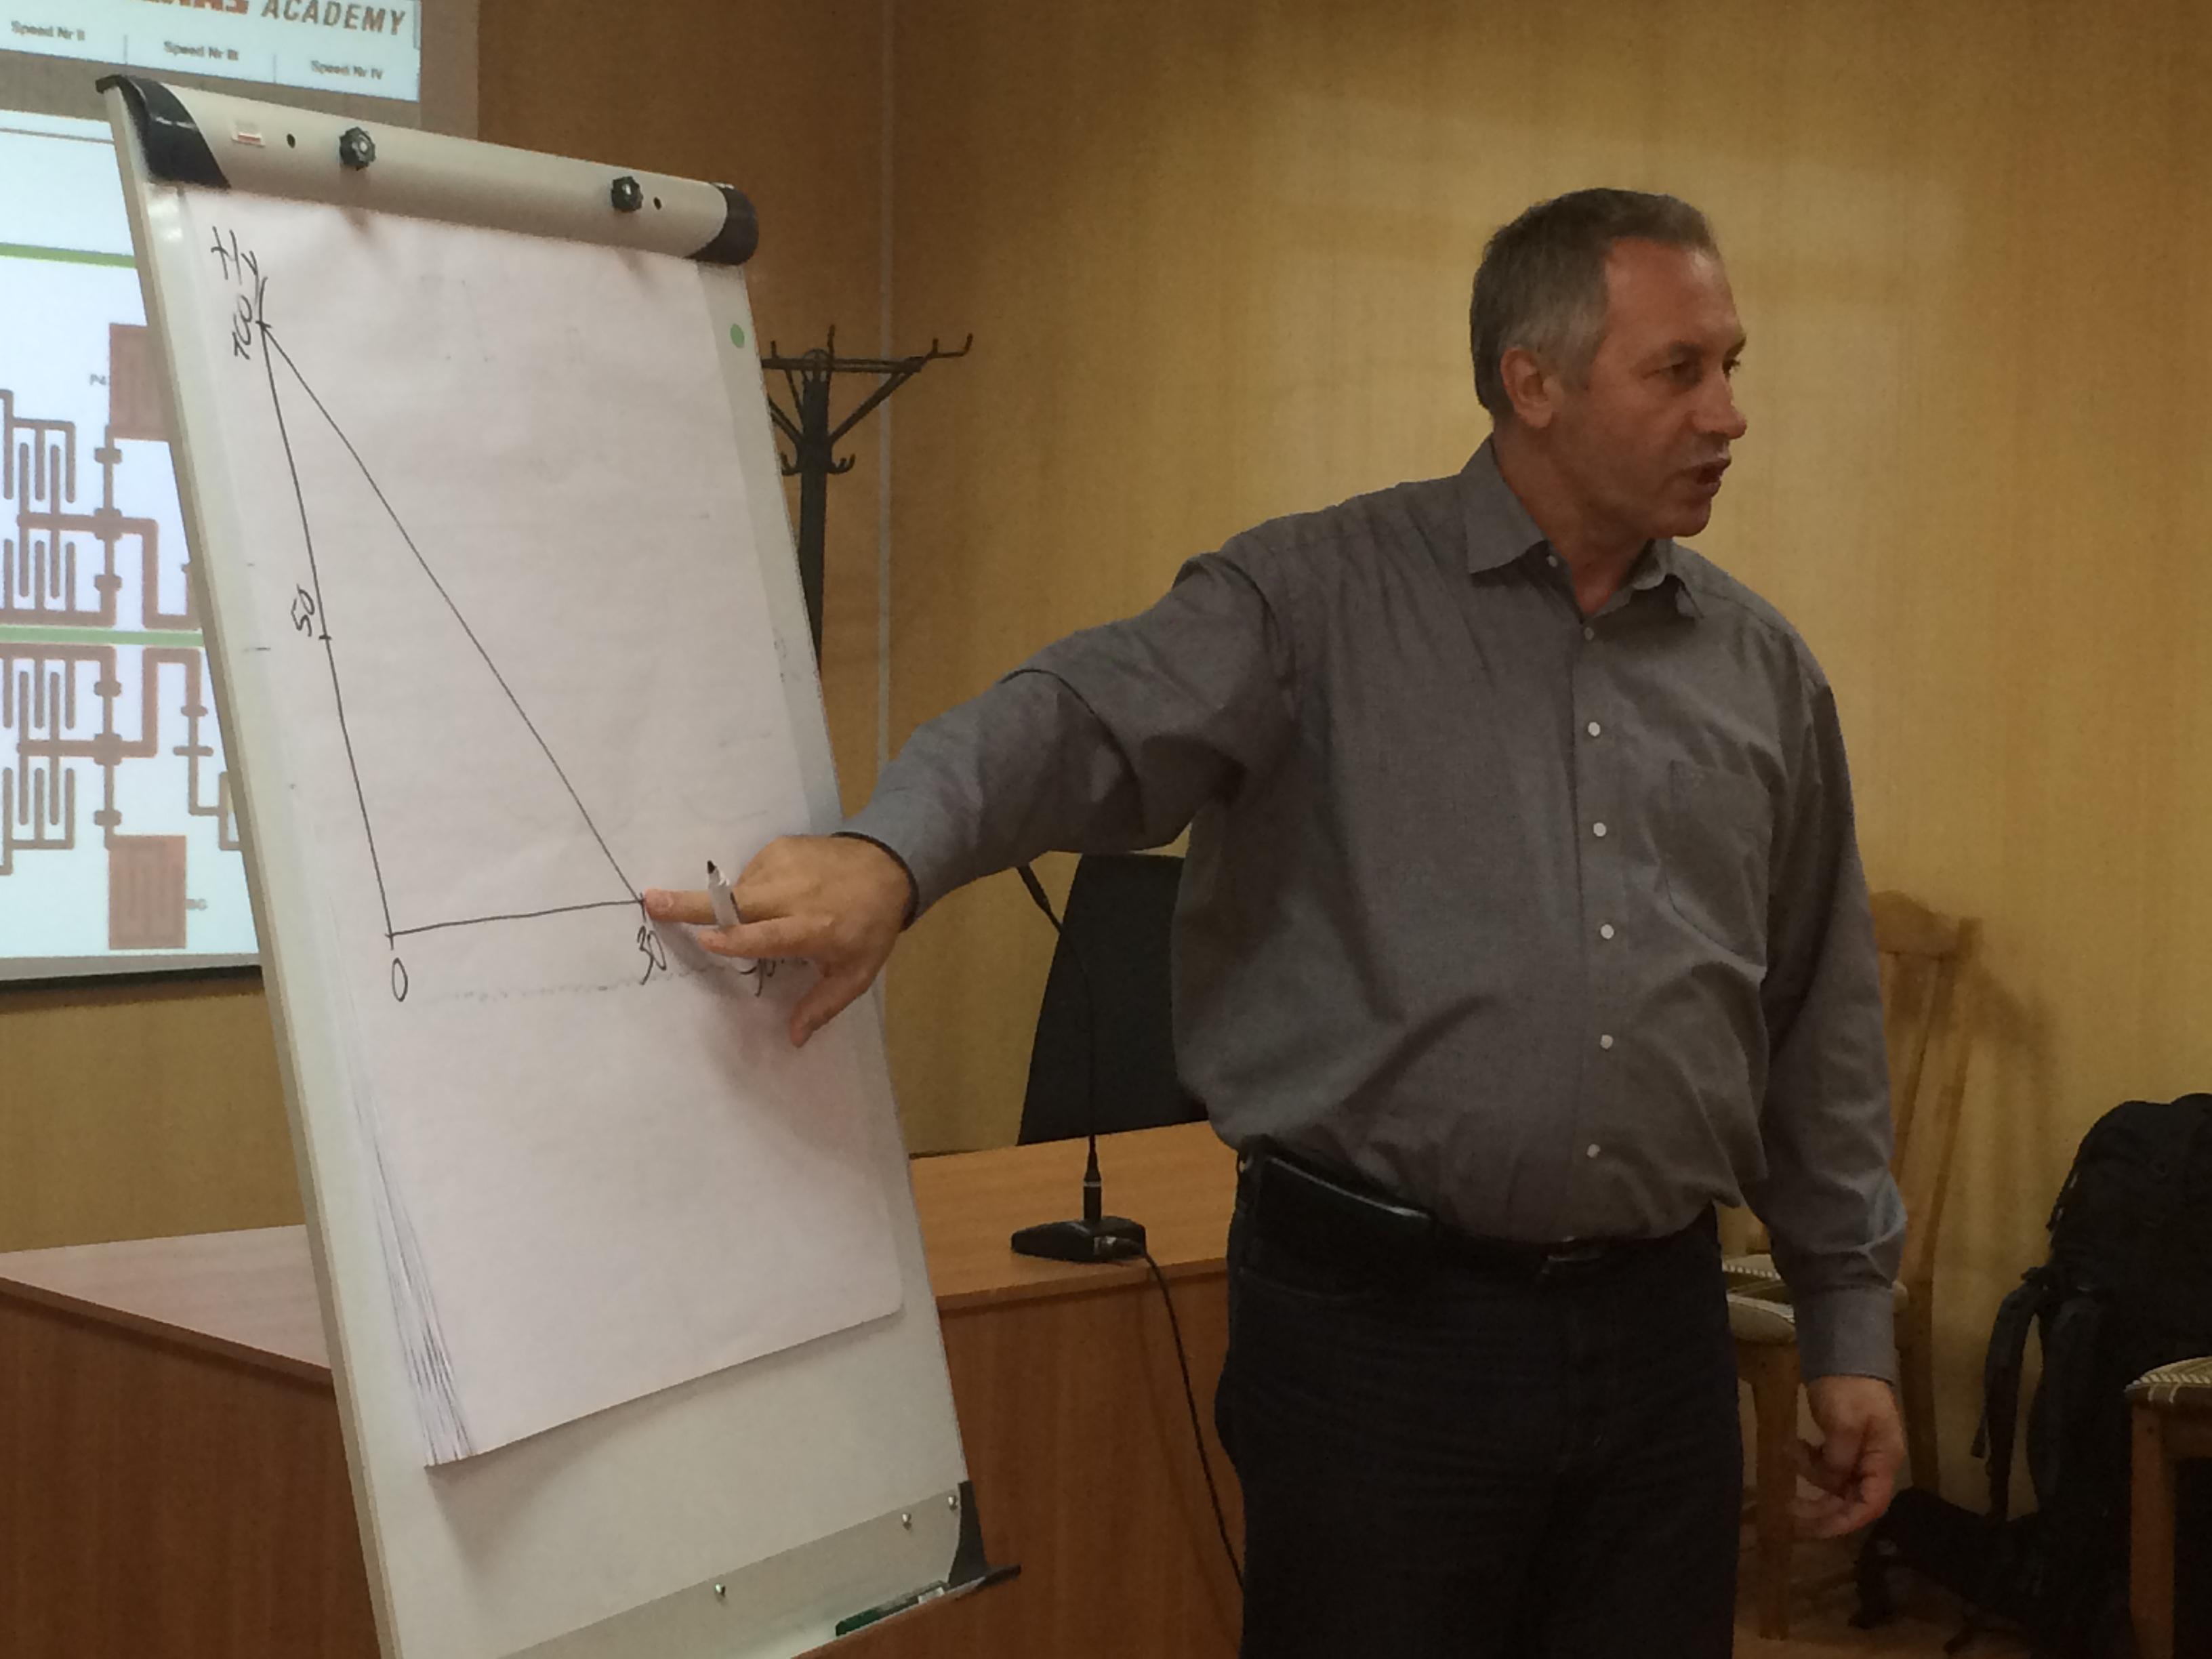 Преподаватель из CLAAS ACADEMY Сергей Бутов